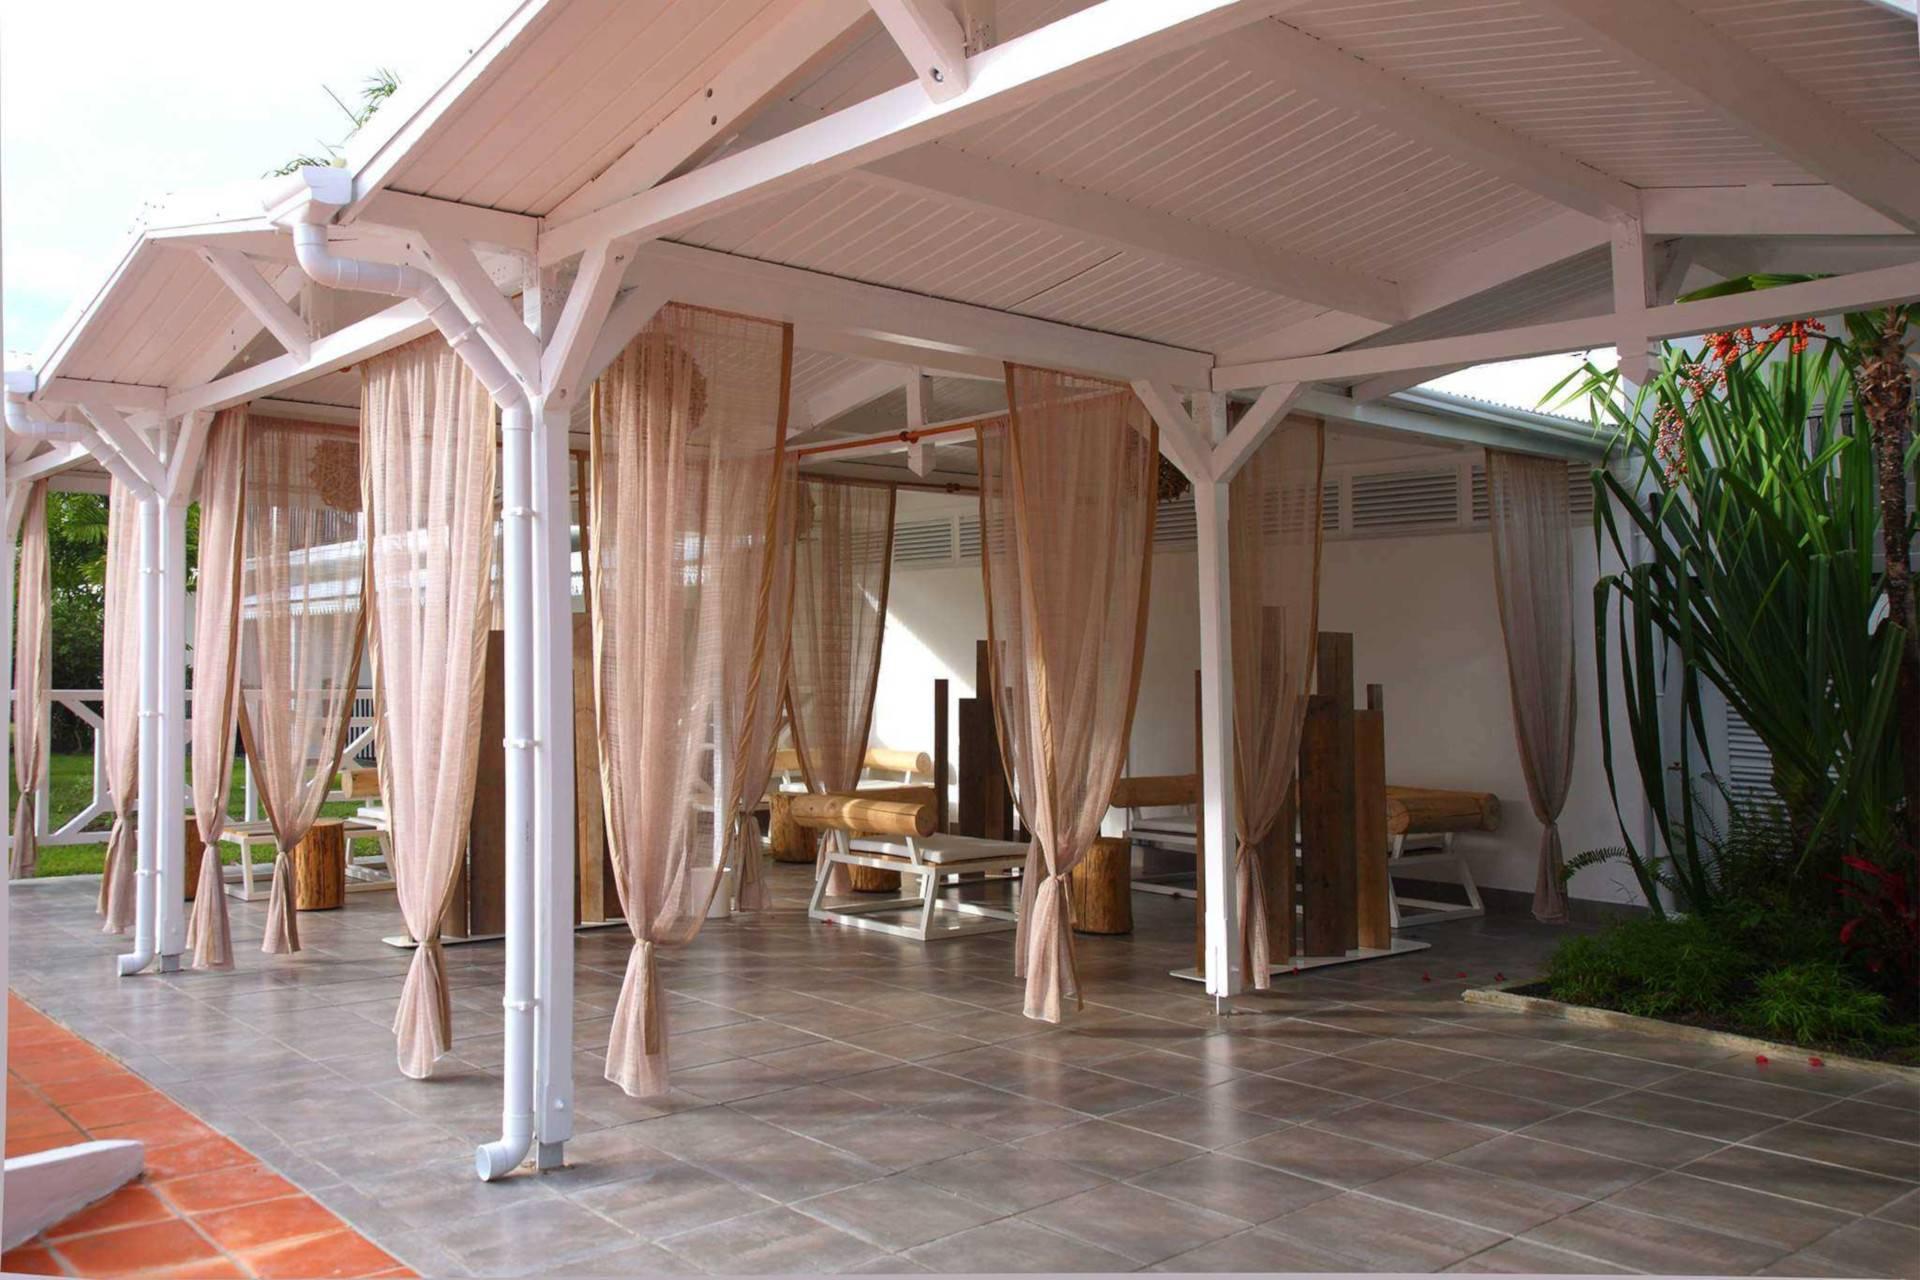 HOTEL GUADELOUPE BWA CHICK HOTEL & GOLF